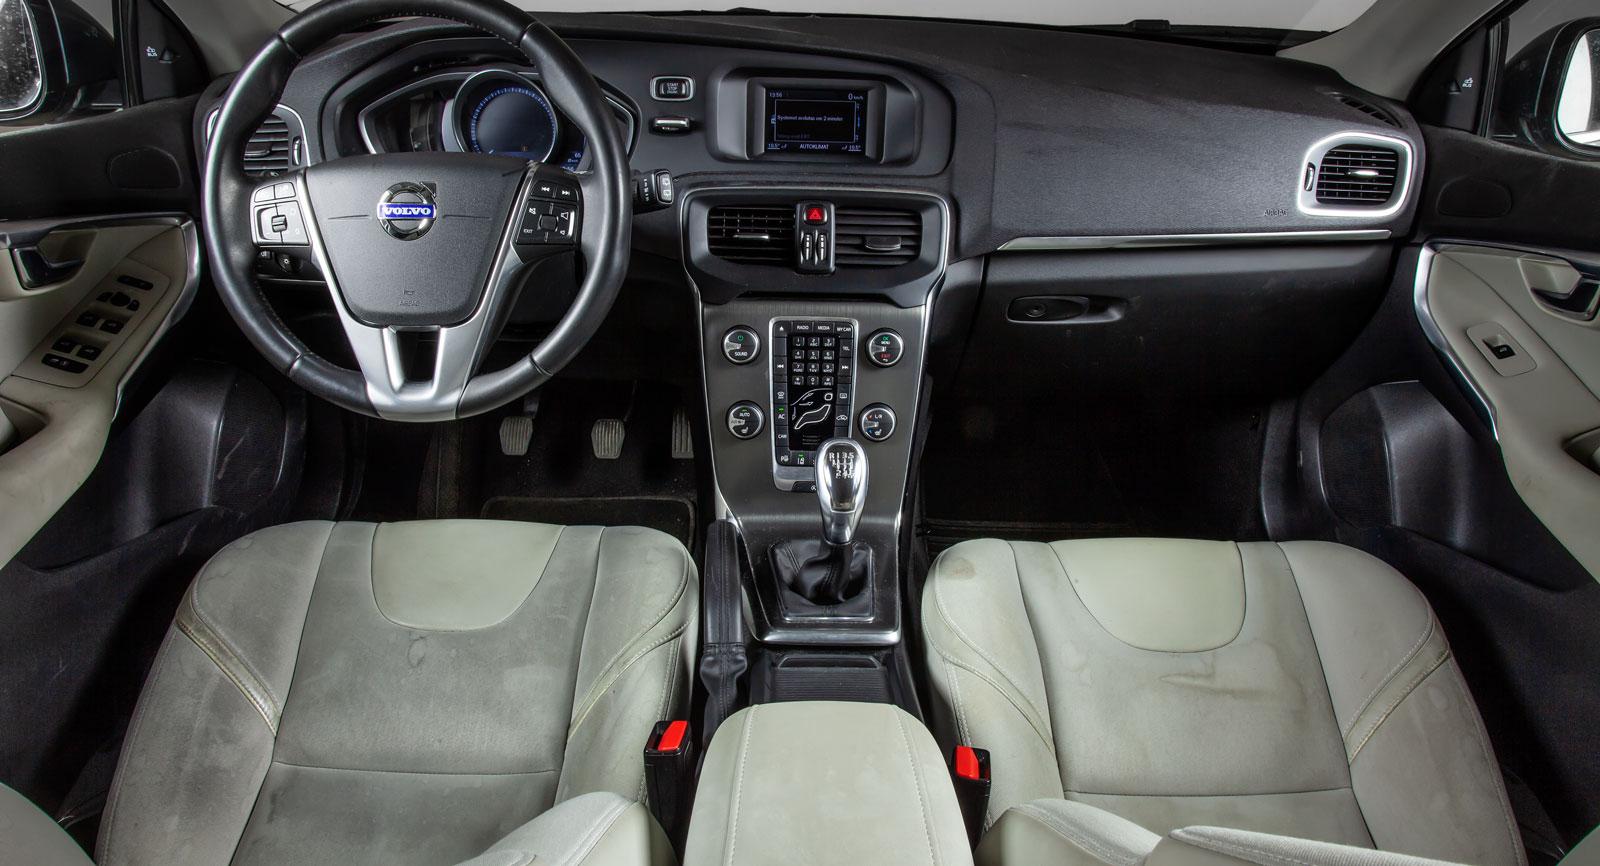 Långtestbil nummer 150 har hängt med sedan 2013 och fått utstå redaktionens smutsgöra, 1000-tals däcktestarmil tär...